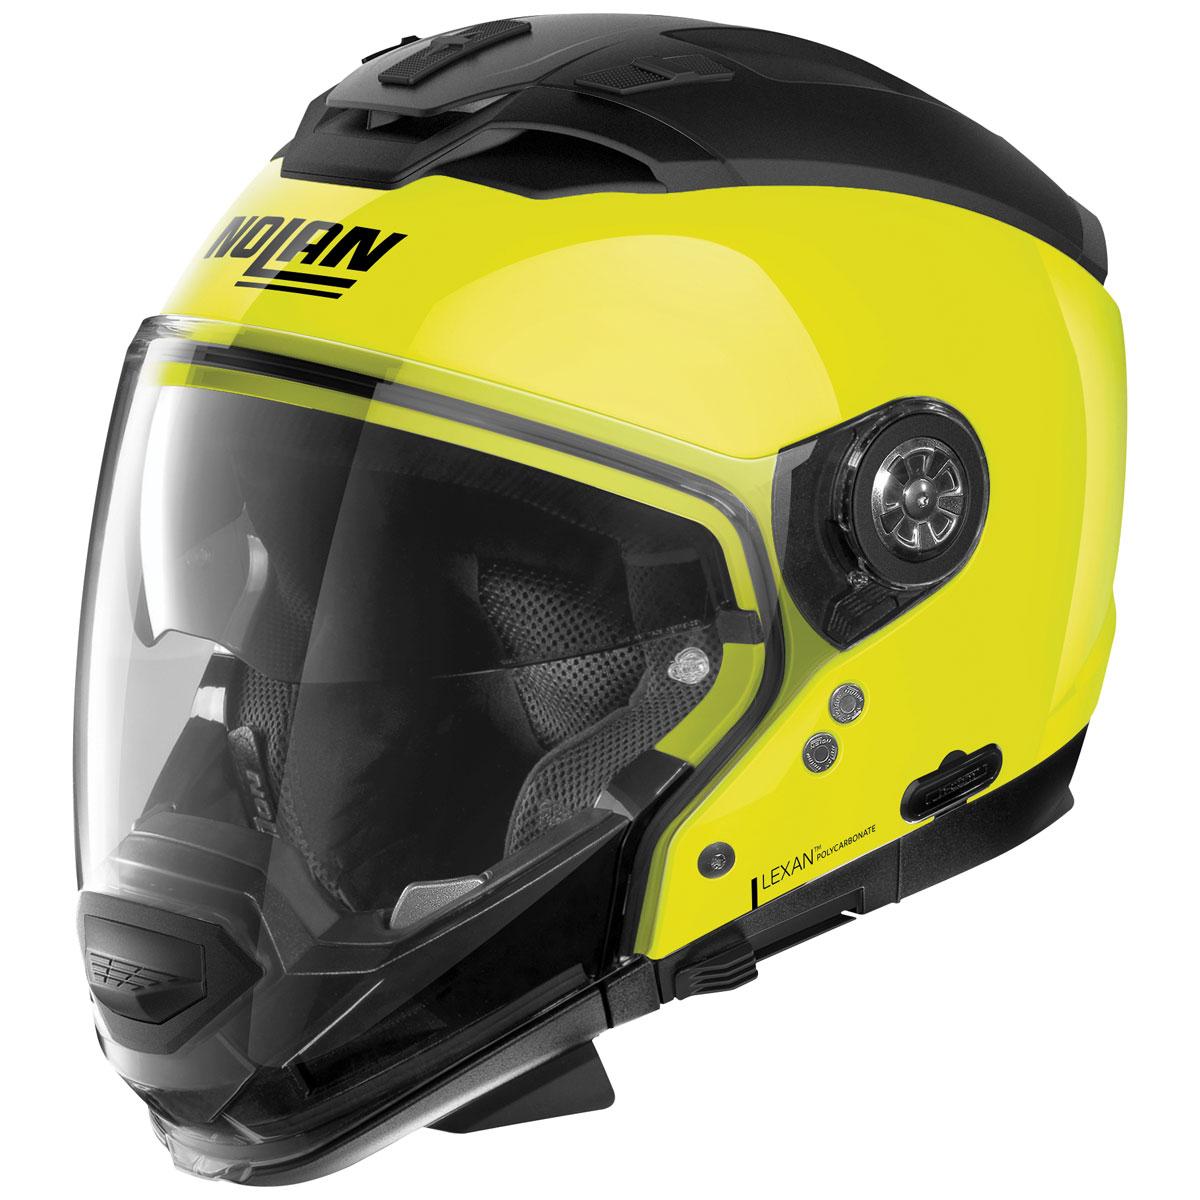 Nolan N70-2 GT Hi-Viz Modular Helmet